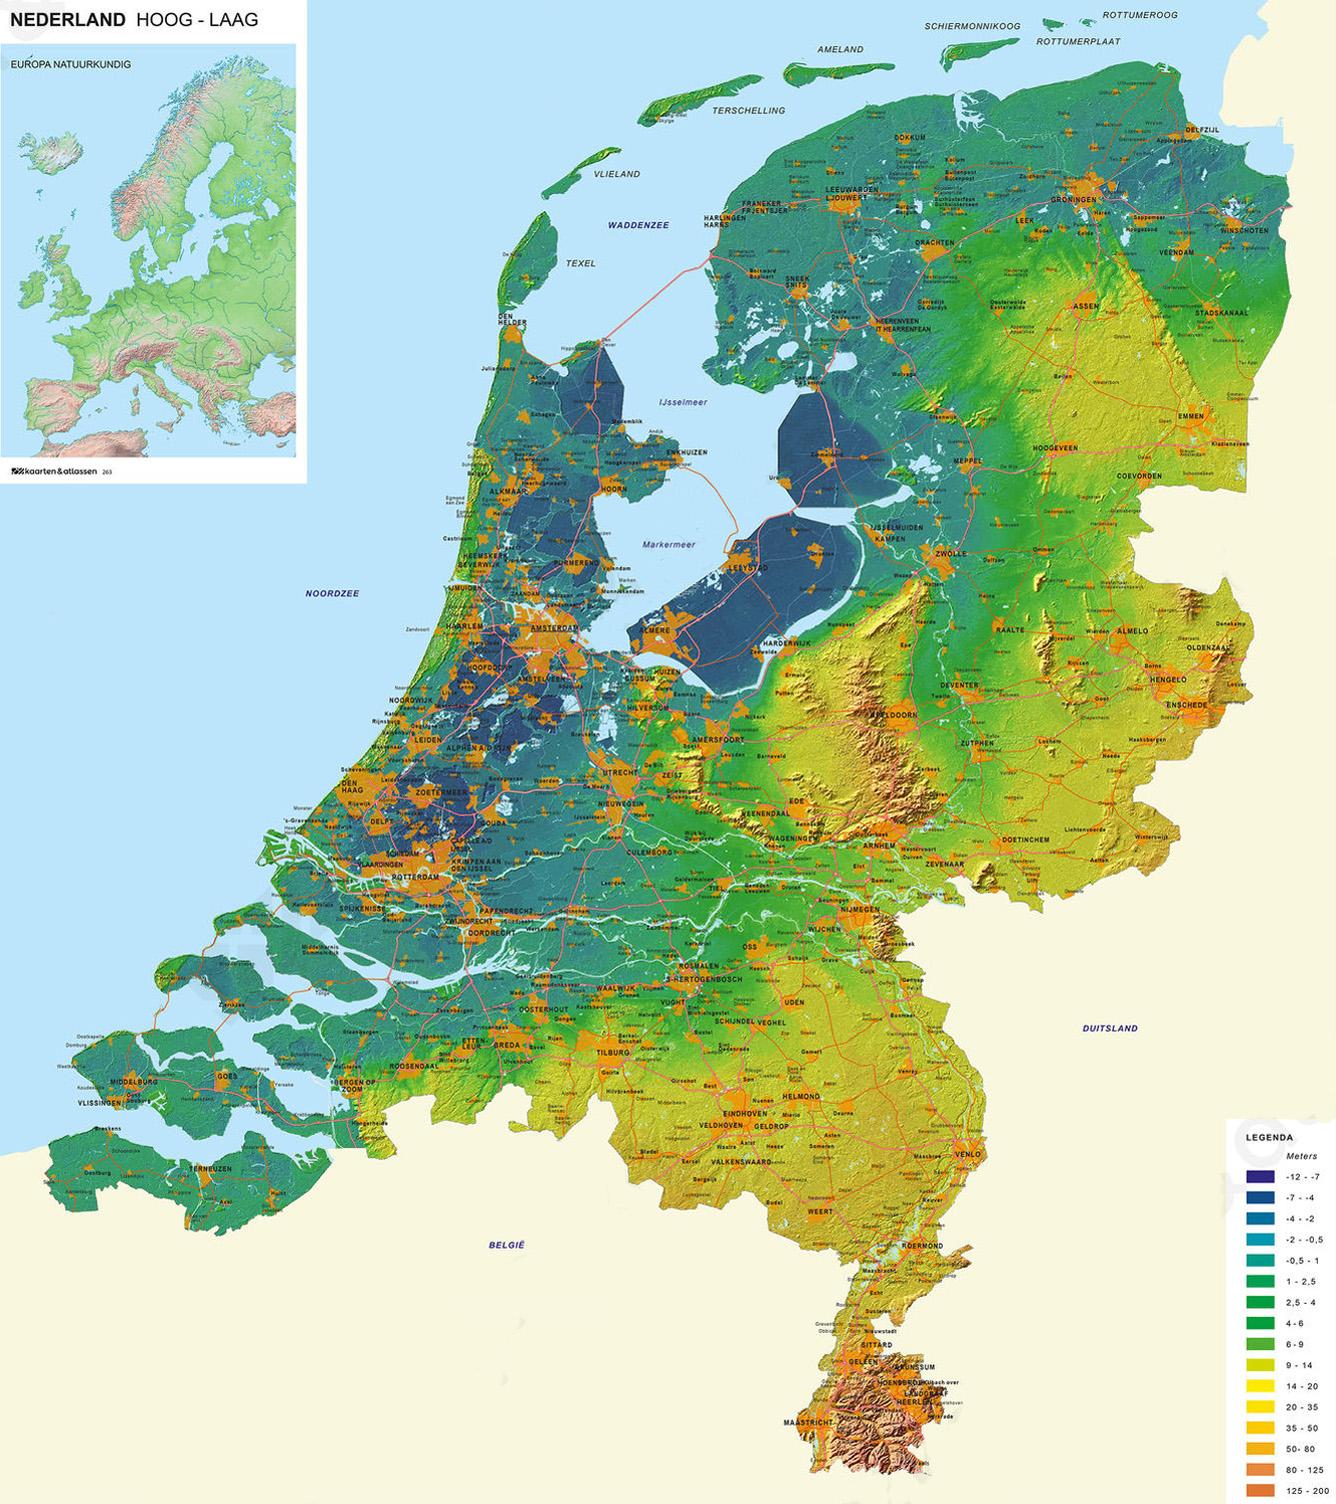 NL_website Somoi